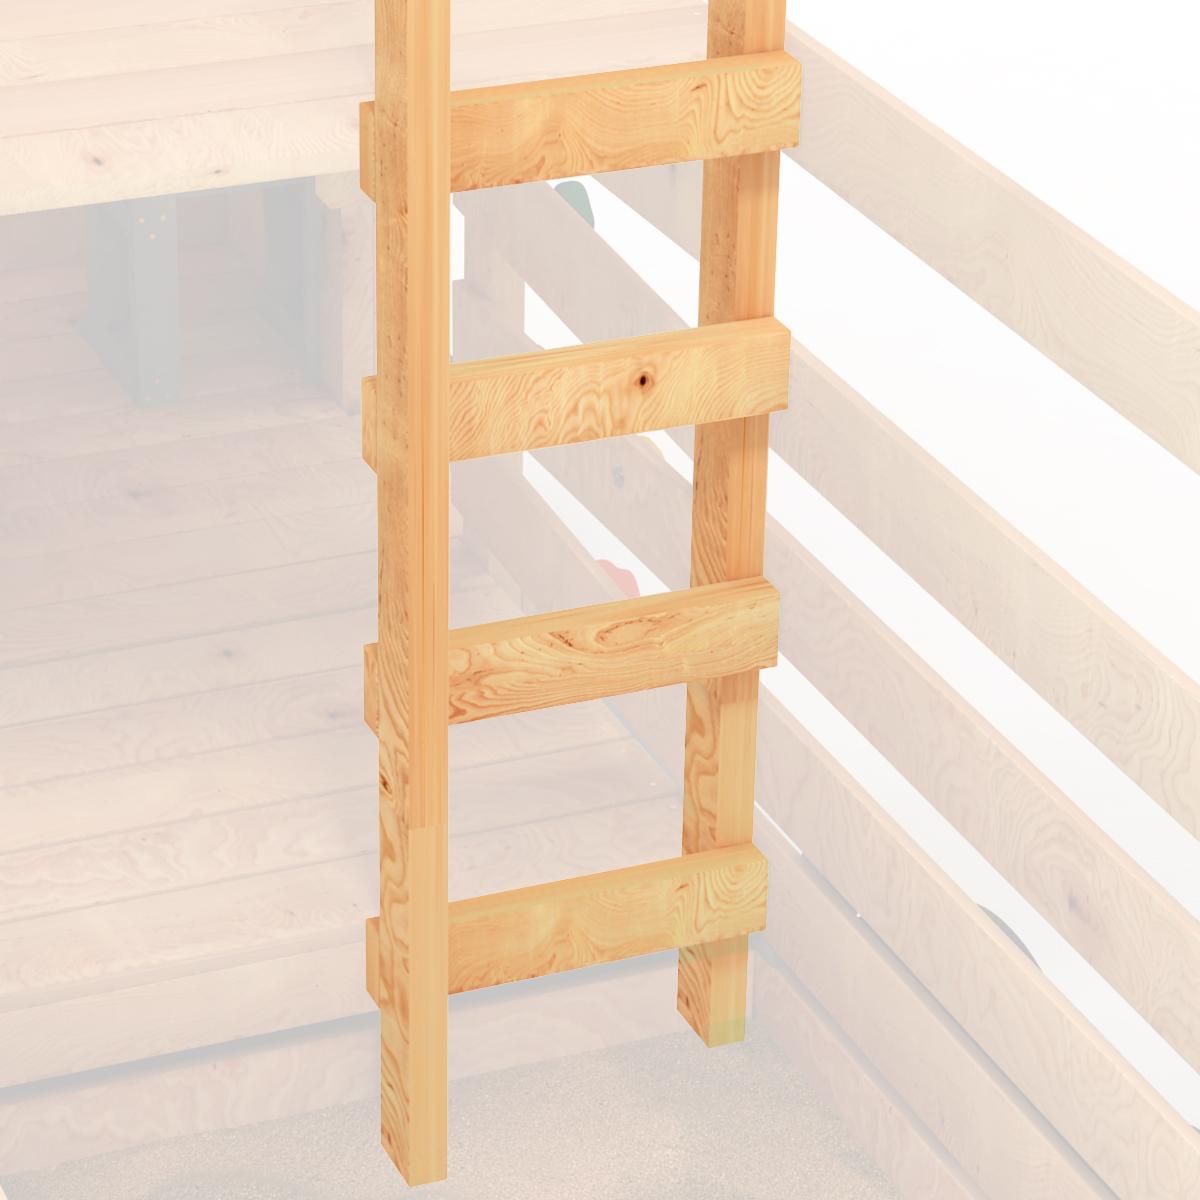 Spielturm Feuerwehr Klettergerüst Spielplatz Leiter Treppe Schaukel von BIBEX